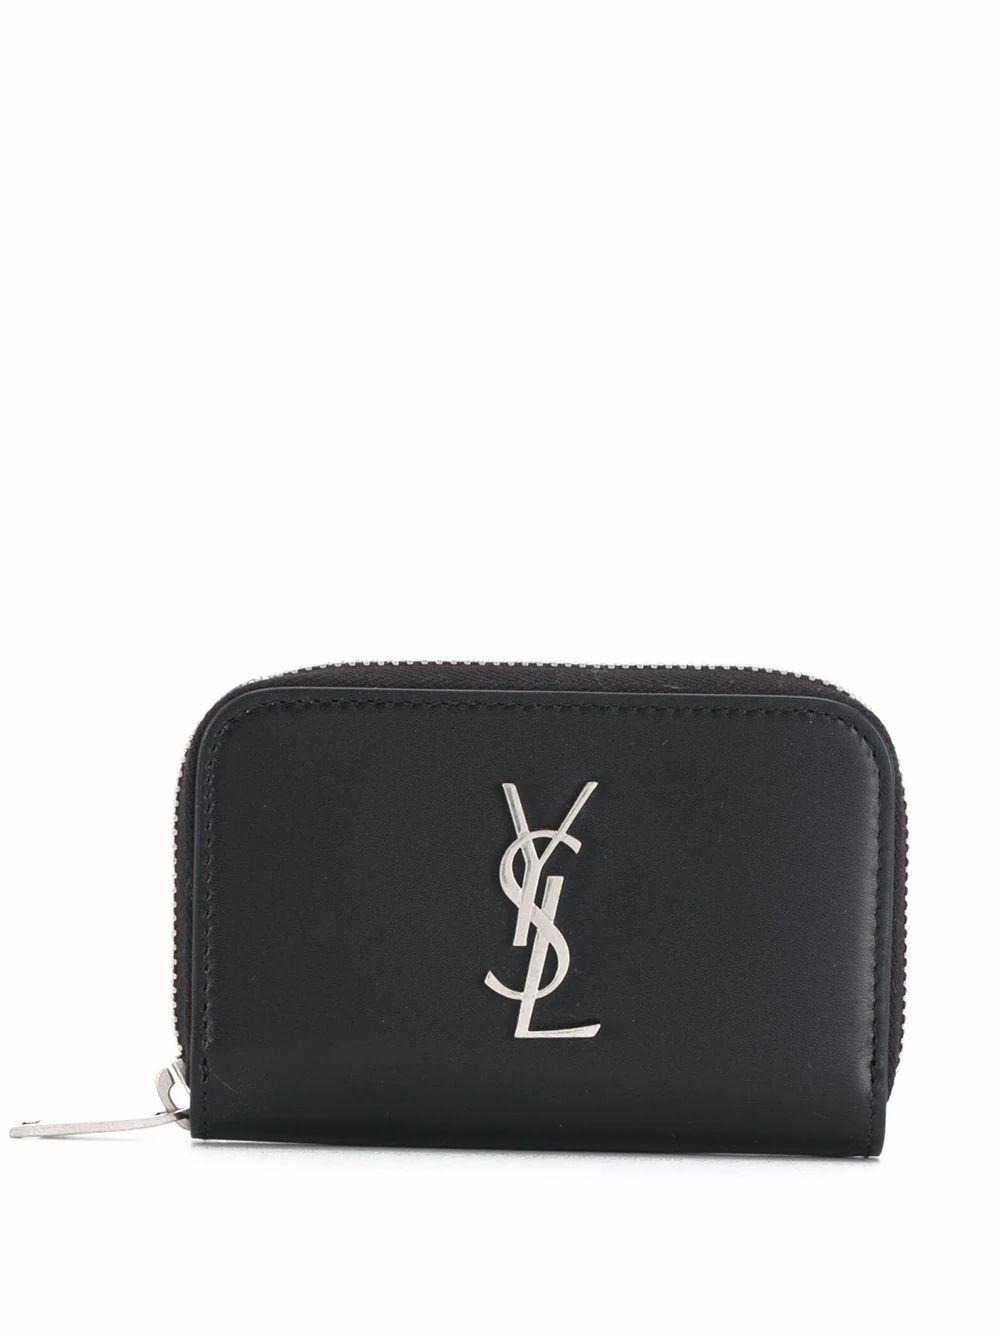 Saint Laurent Men's Black Leather Wallet